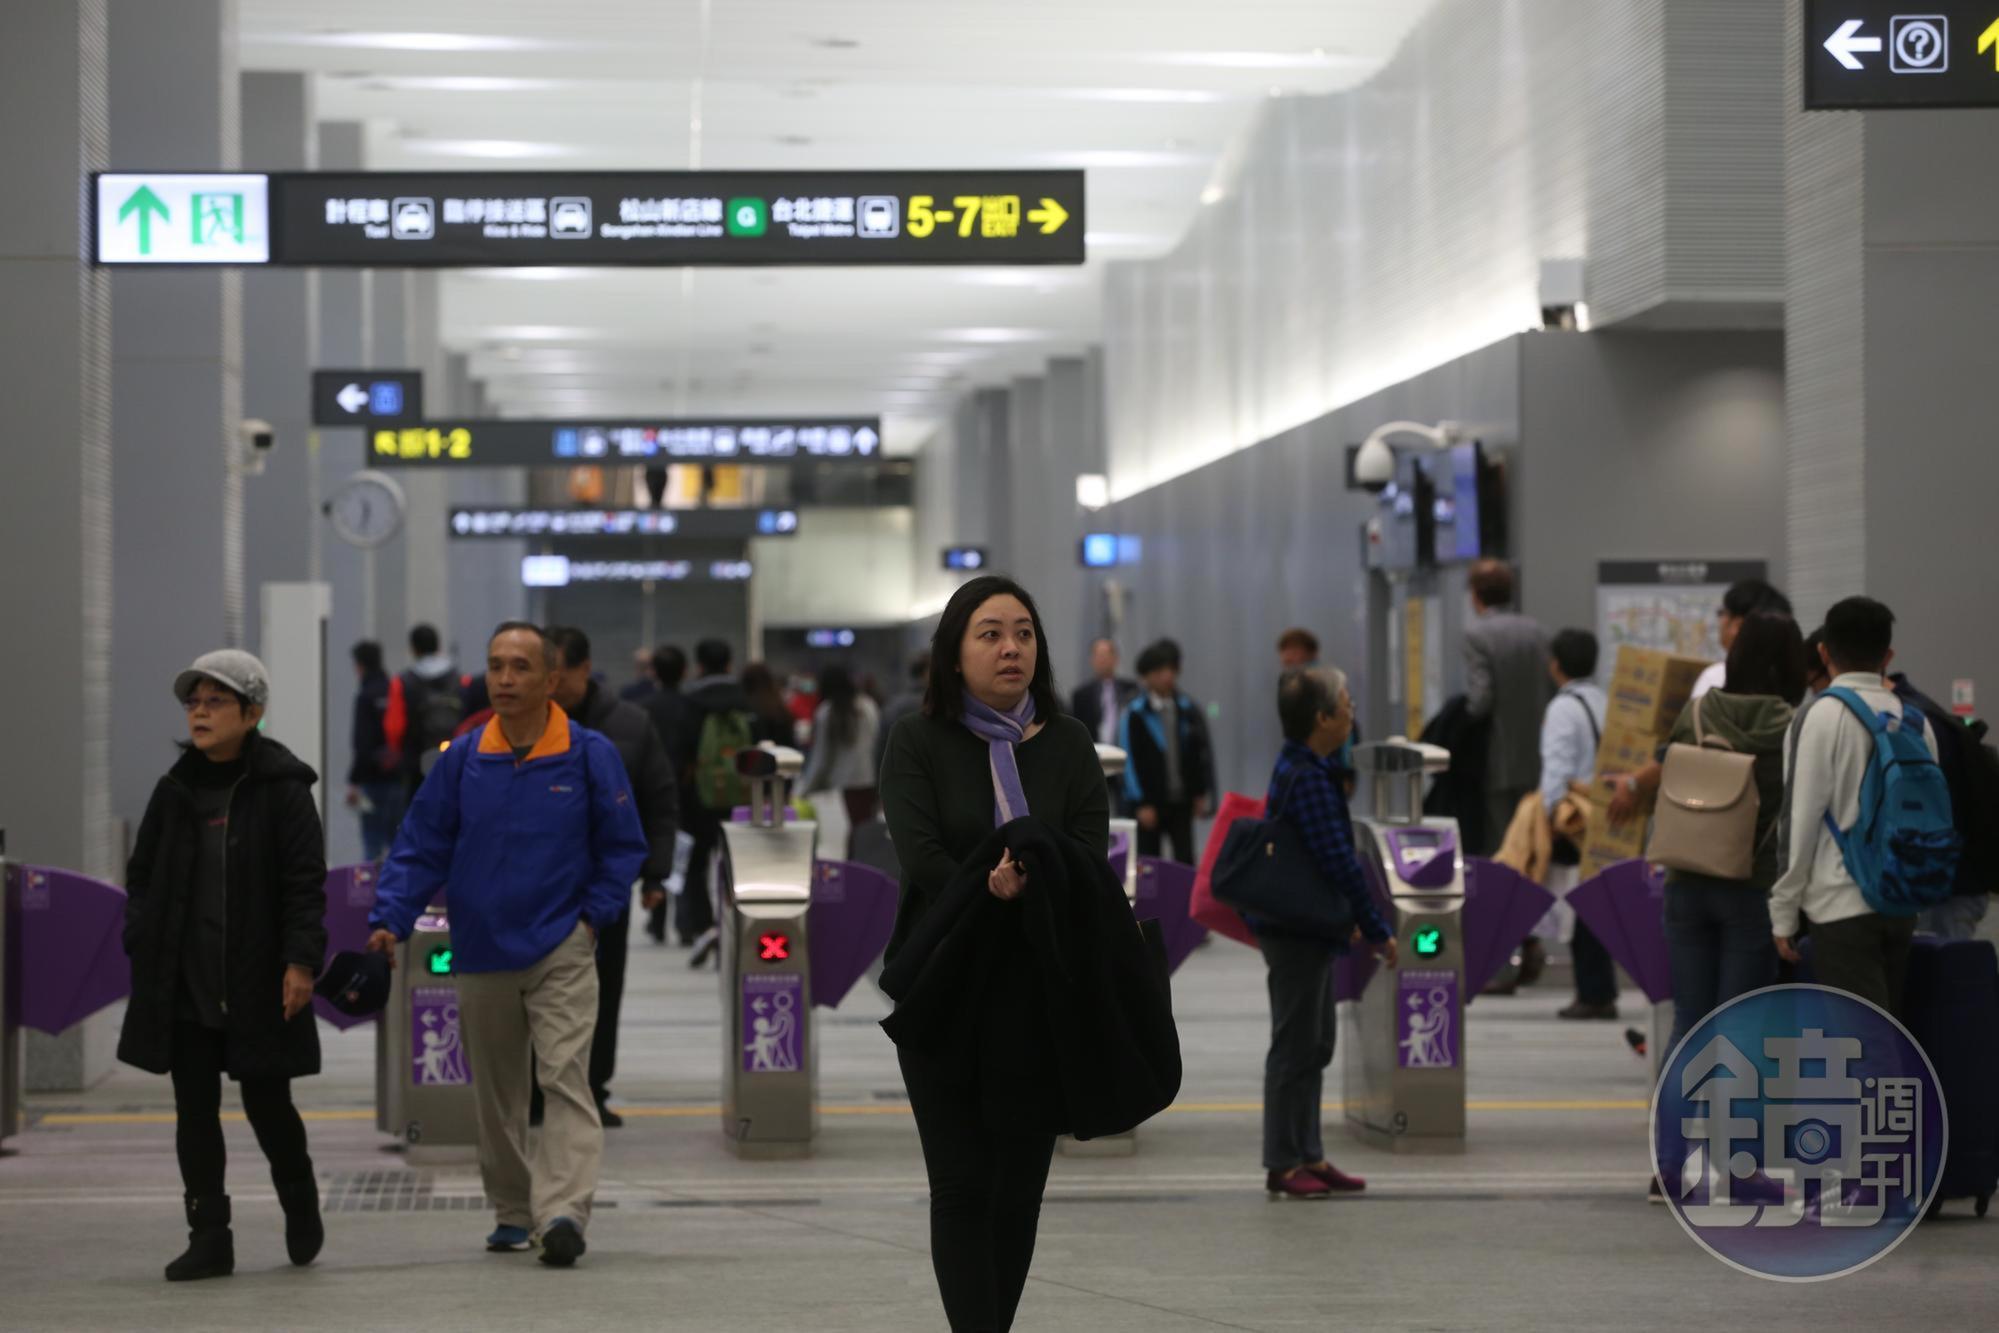 台北雙子星位於六鐵共構的台北車站旁,具便利性與人潮優勢。